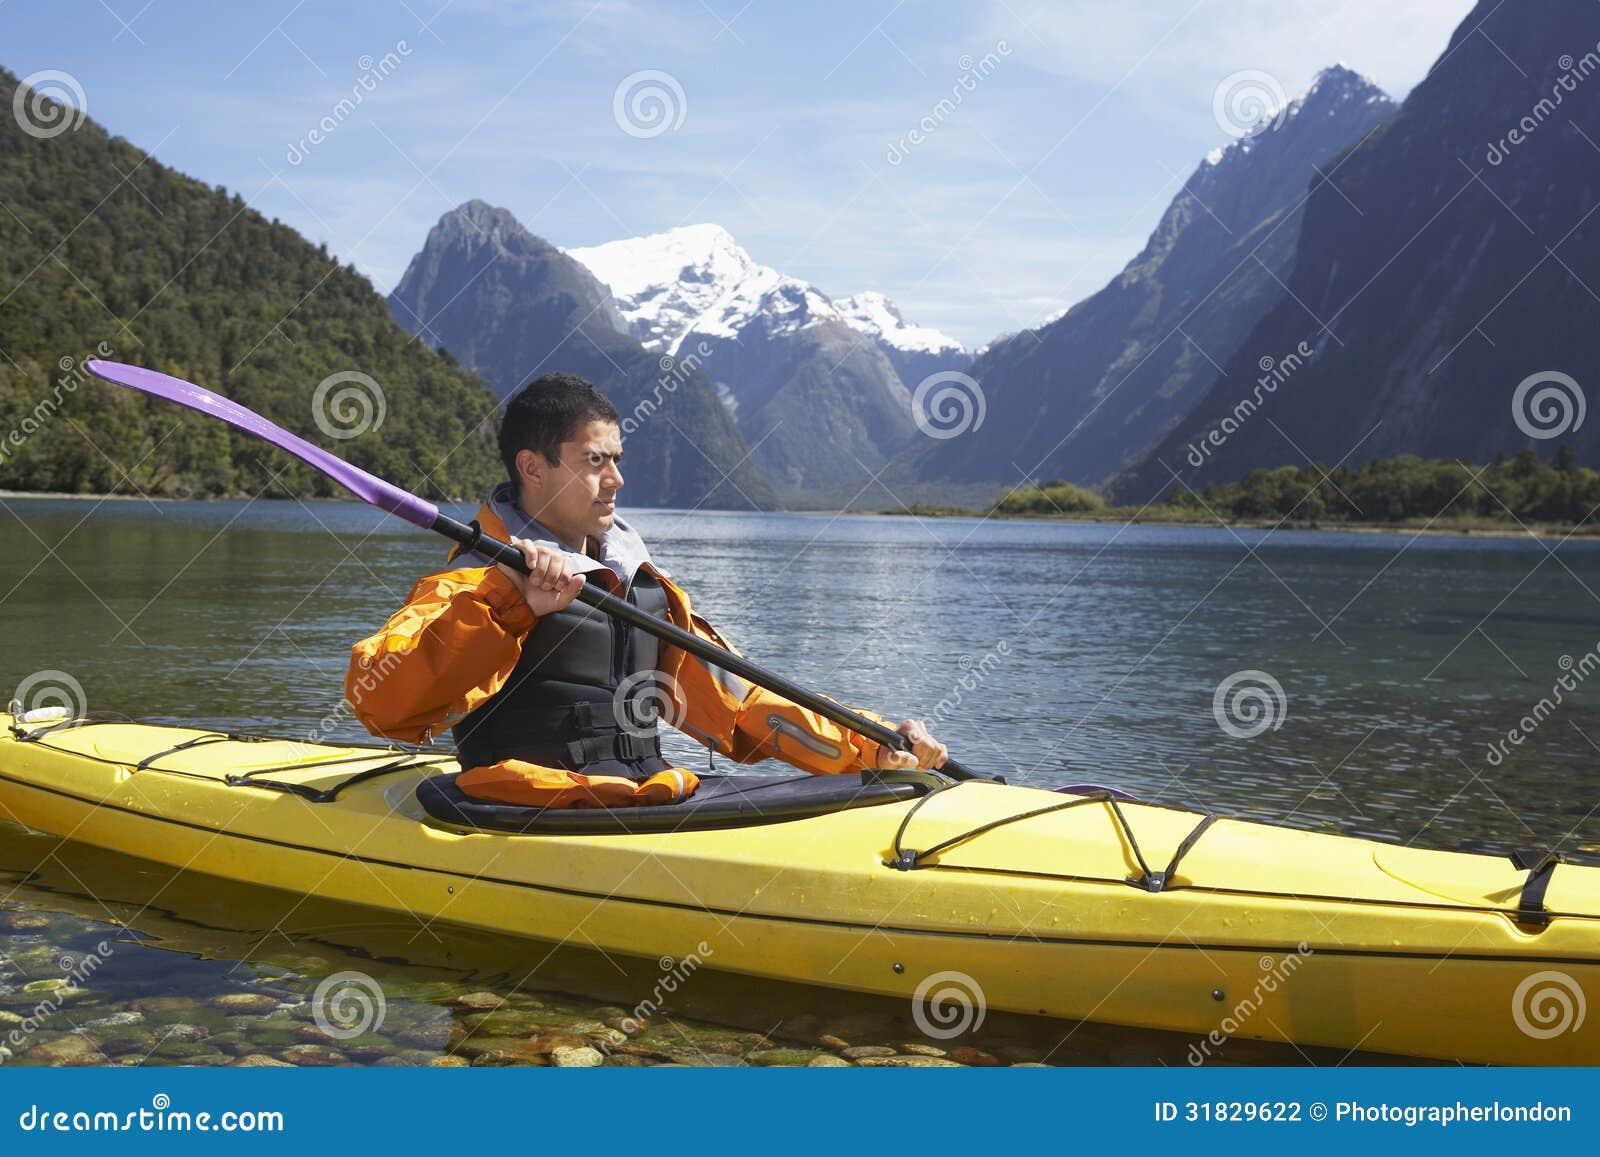 Man Kayaking In Mountain Lake